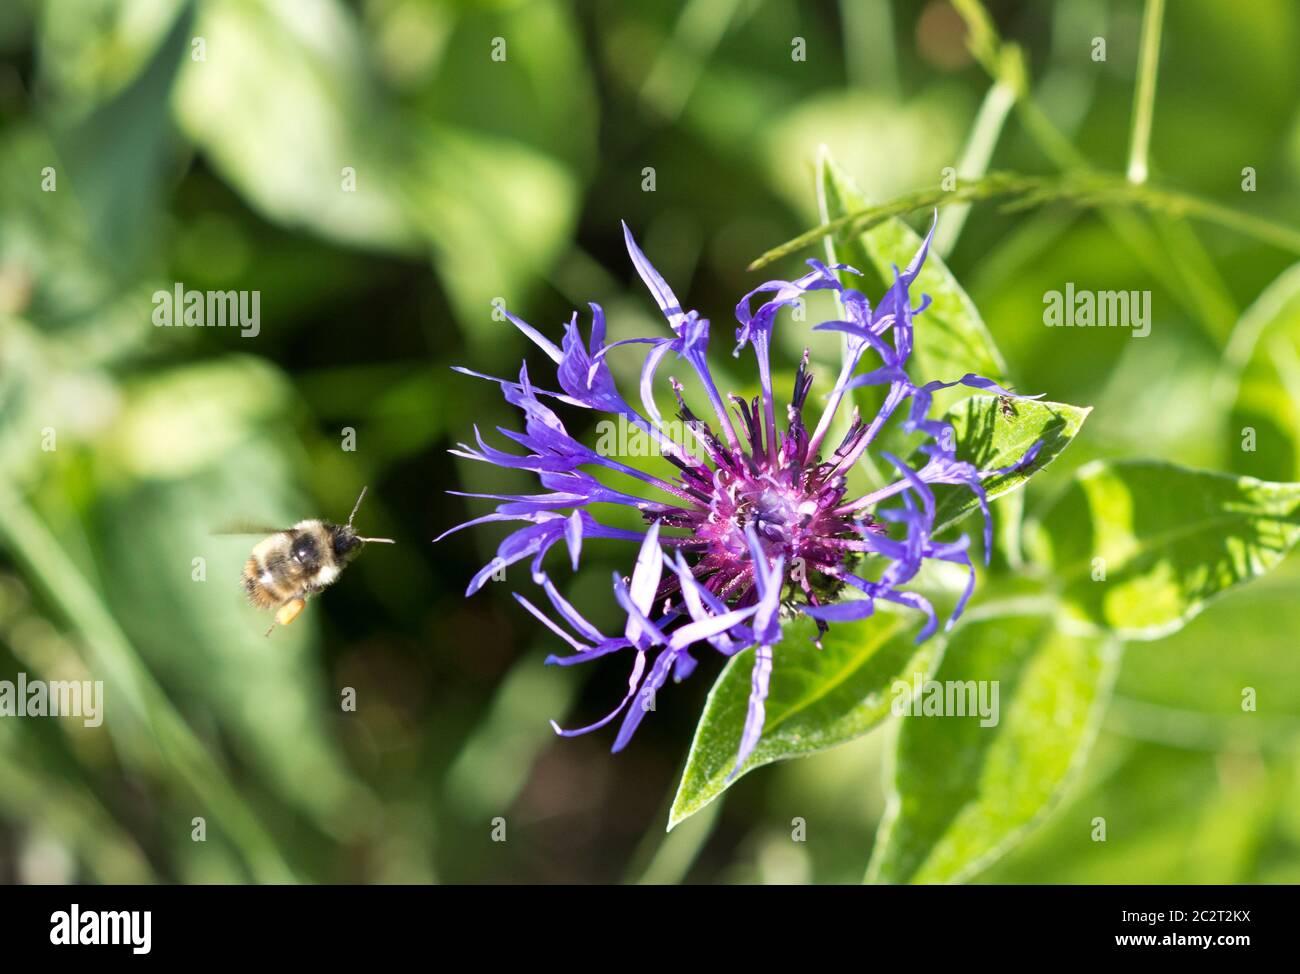 honeybee-in-motion-flying-towards-a-moun